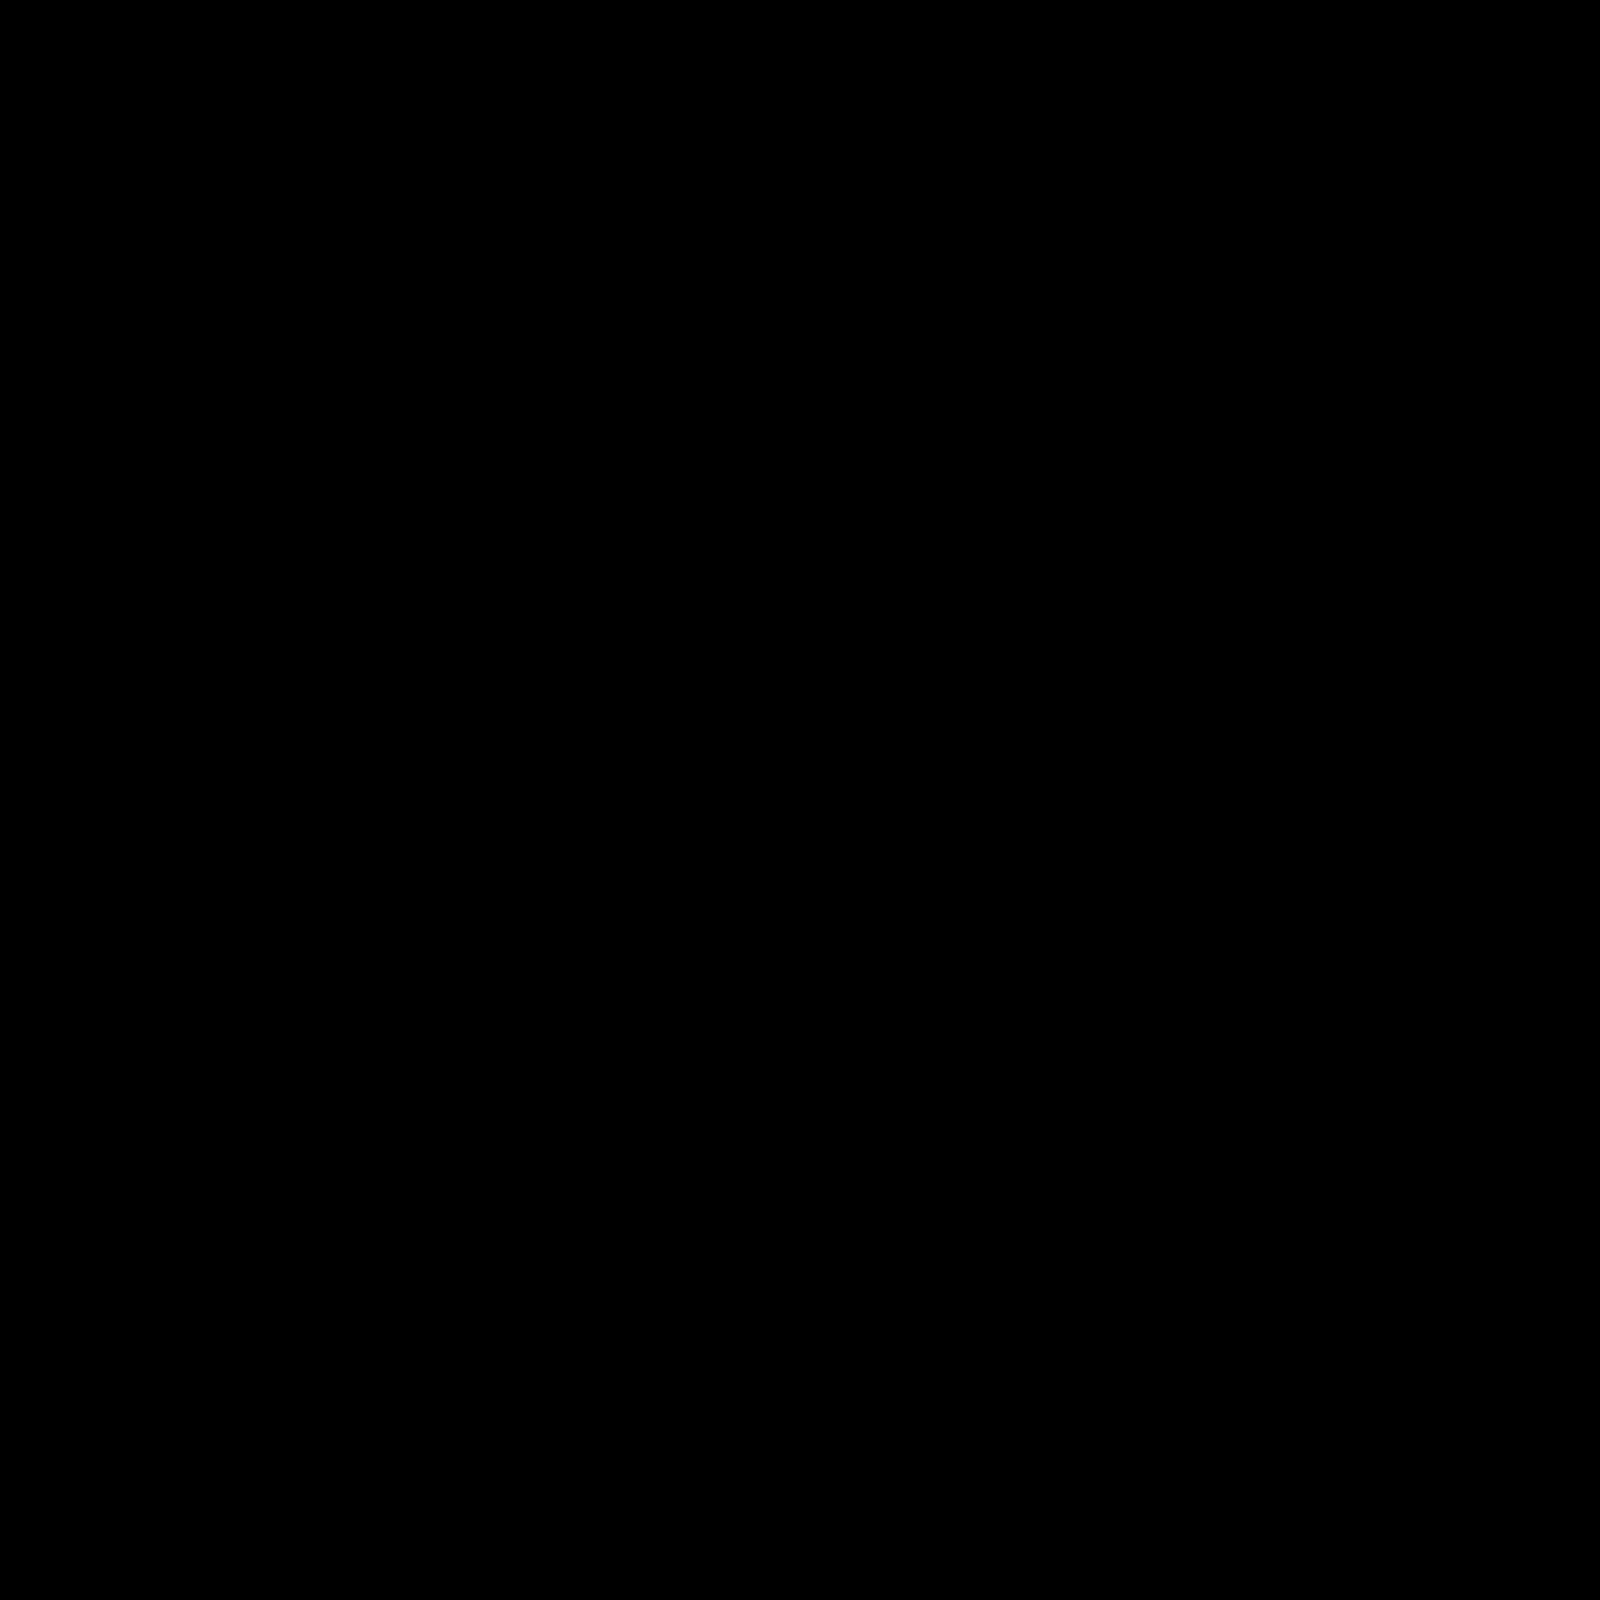 Lebenslauf Einreichen Icon Kostenloser Download Png Und Vektorgrafik